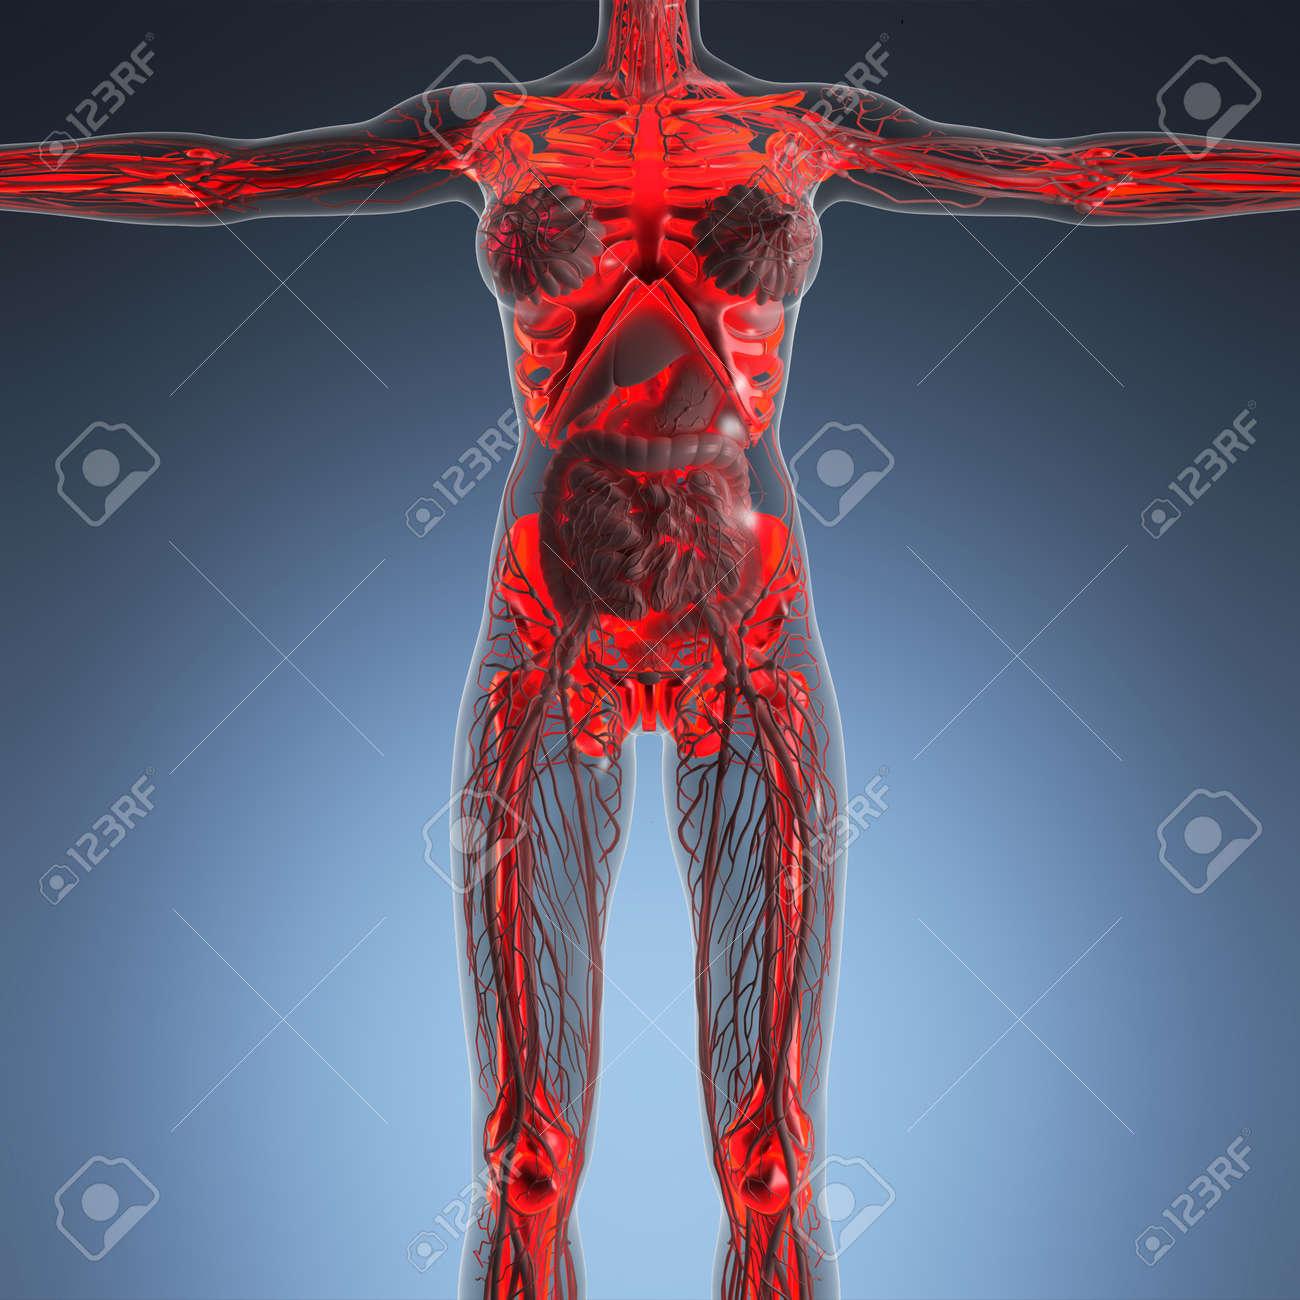 Moderno Henry Anatomía Gris Adorno - Imágenes de Anatomía Humana ...